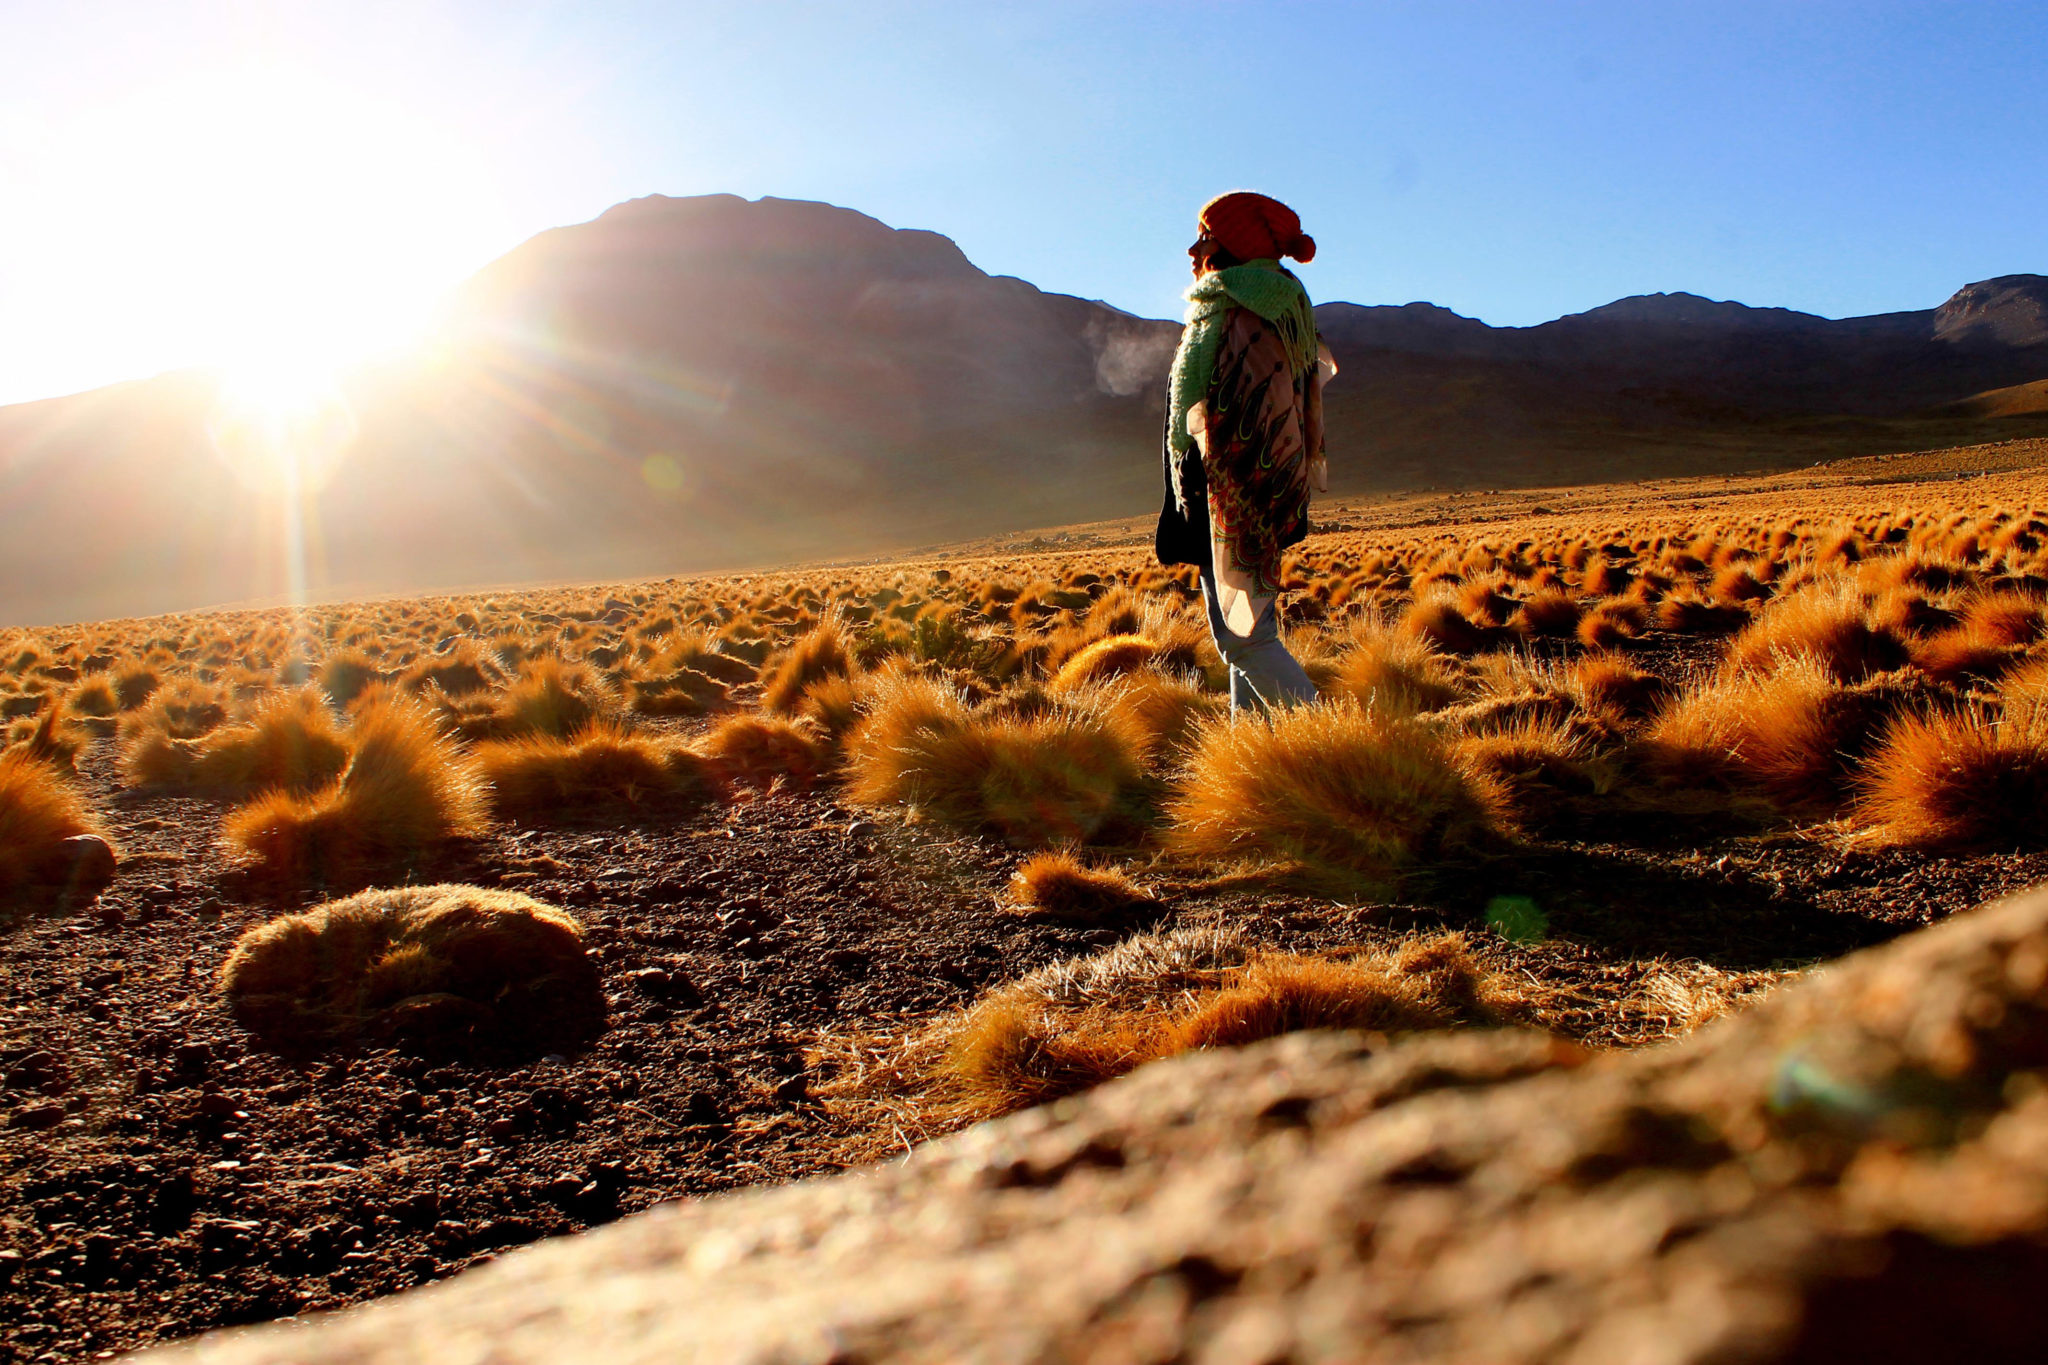 Γιατί όλοι ονειρεύονται ένα ταξίδι στη Χιλή;